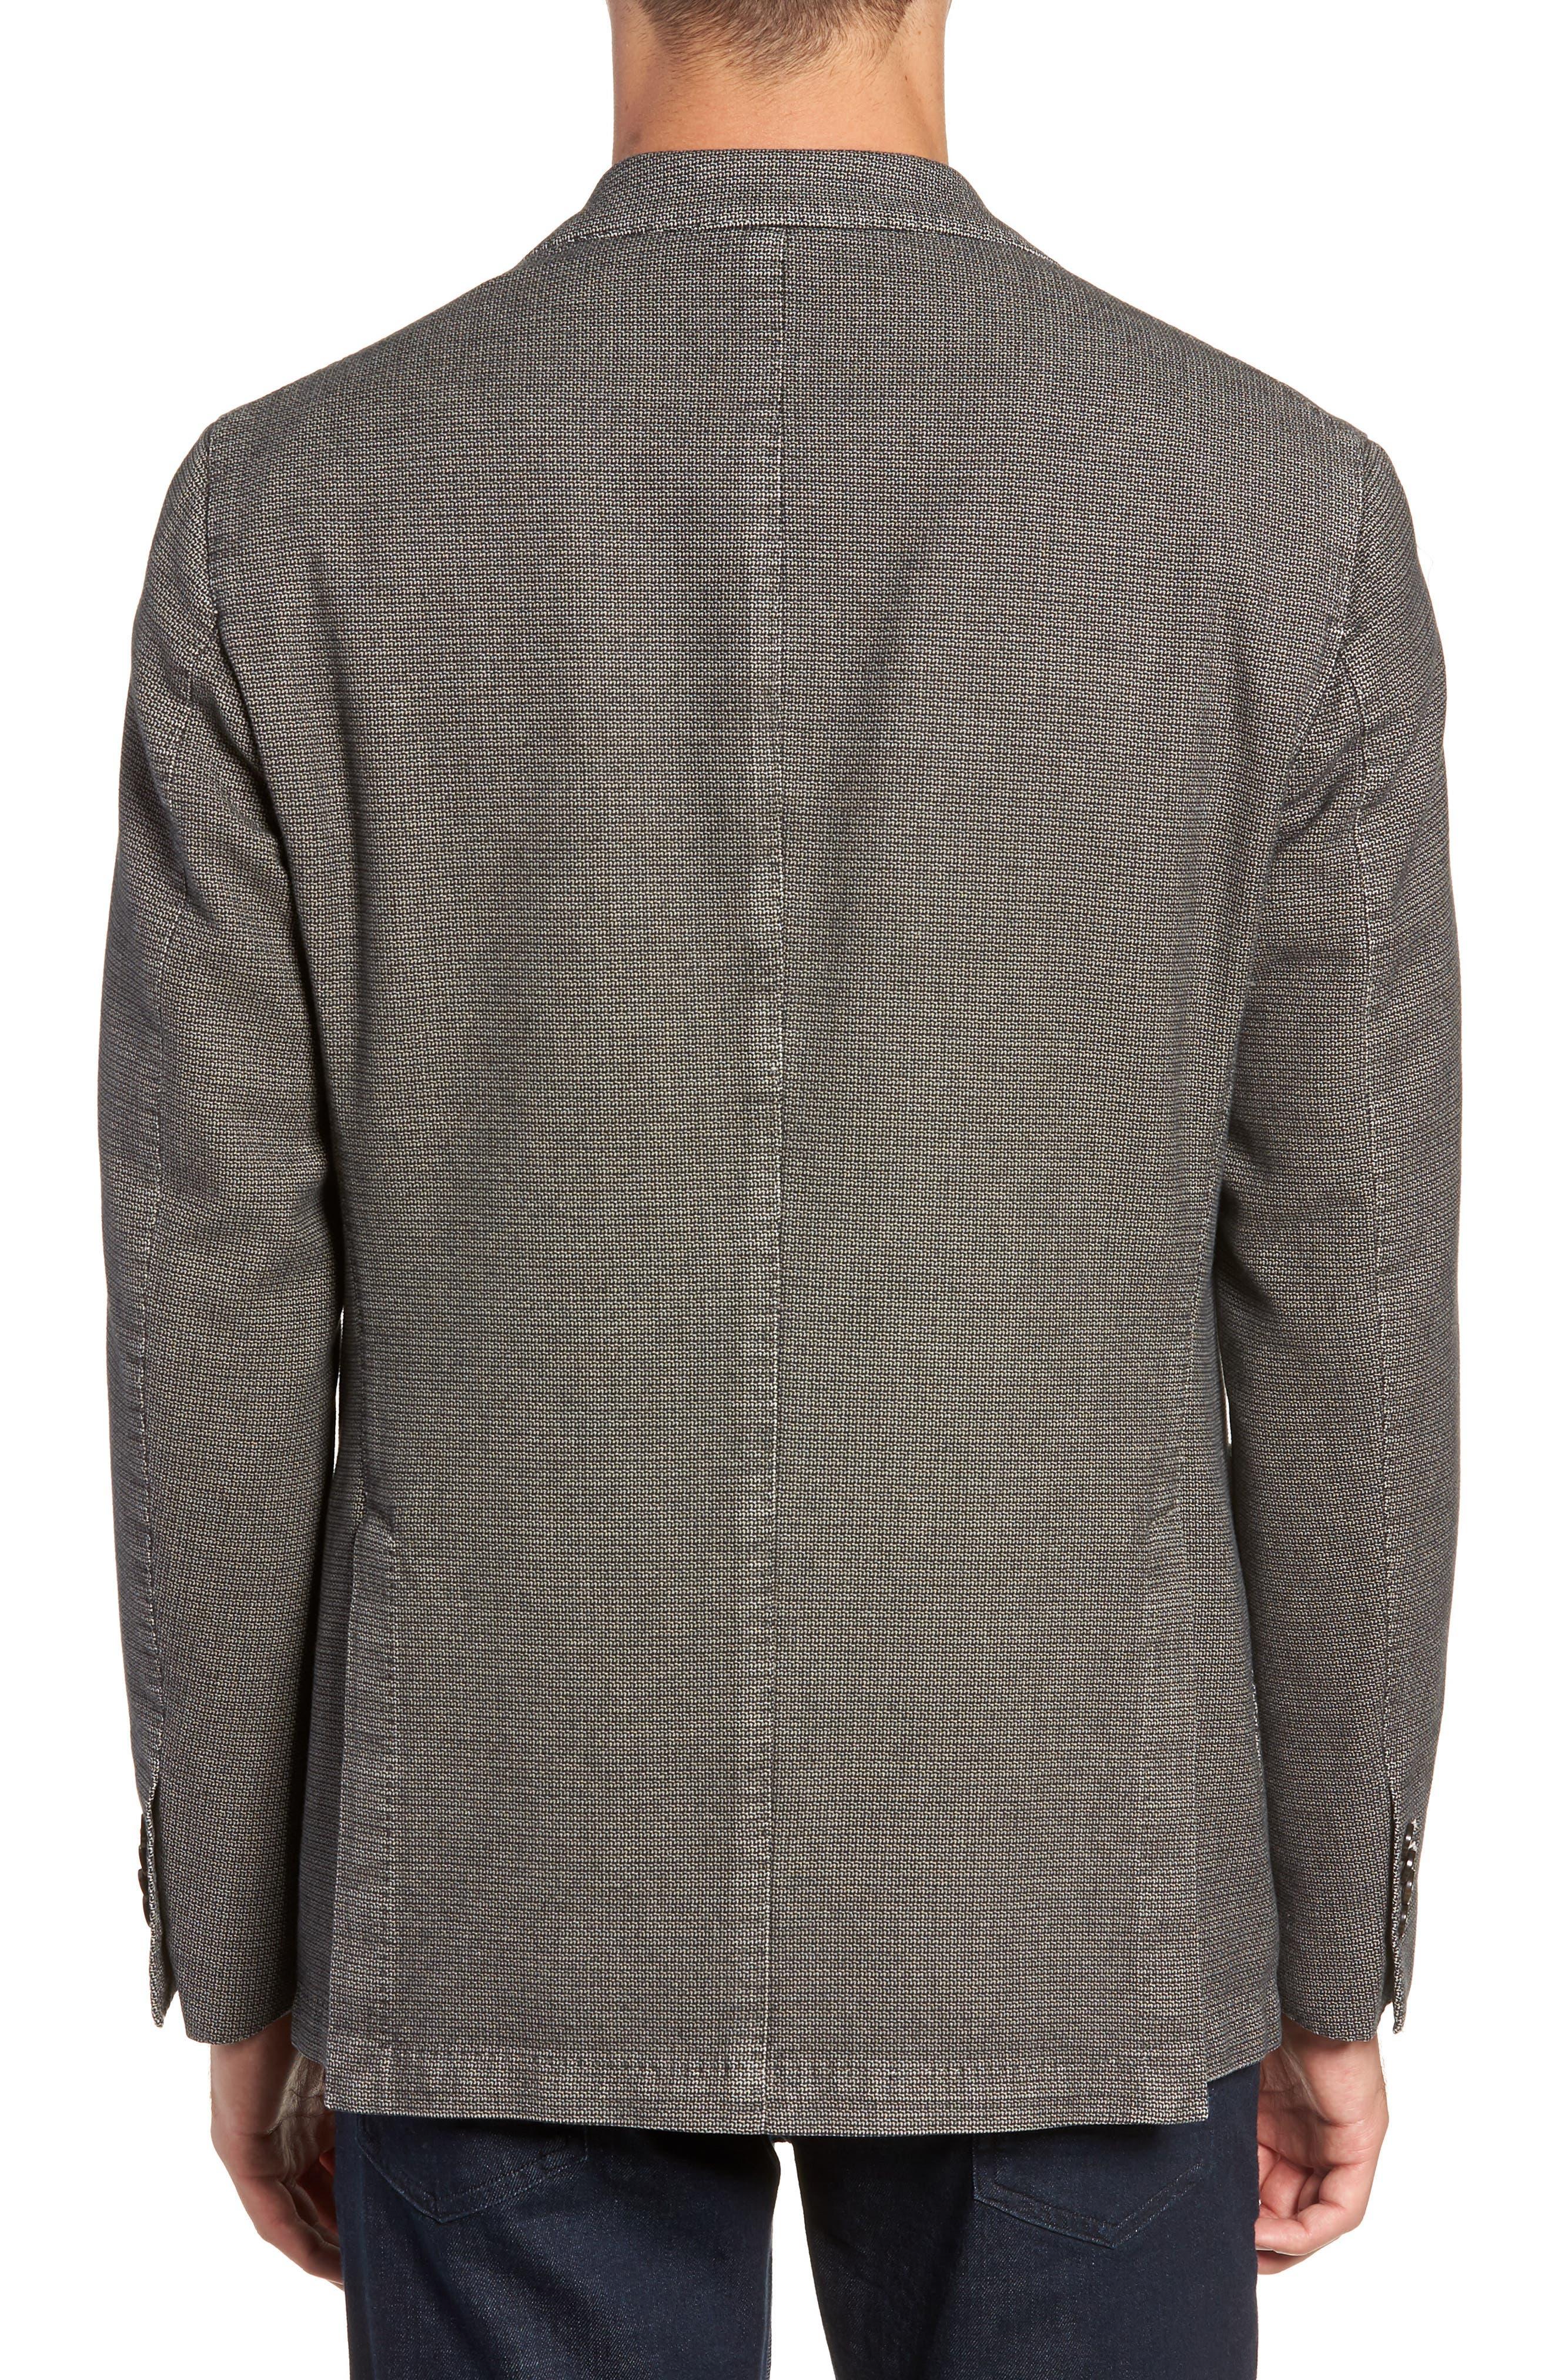 L.B.M 1911 Classic Fit Cotton Blazer,                             Alternate thumbnail 2, color,                             TAUPE